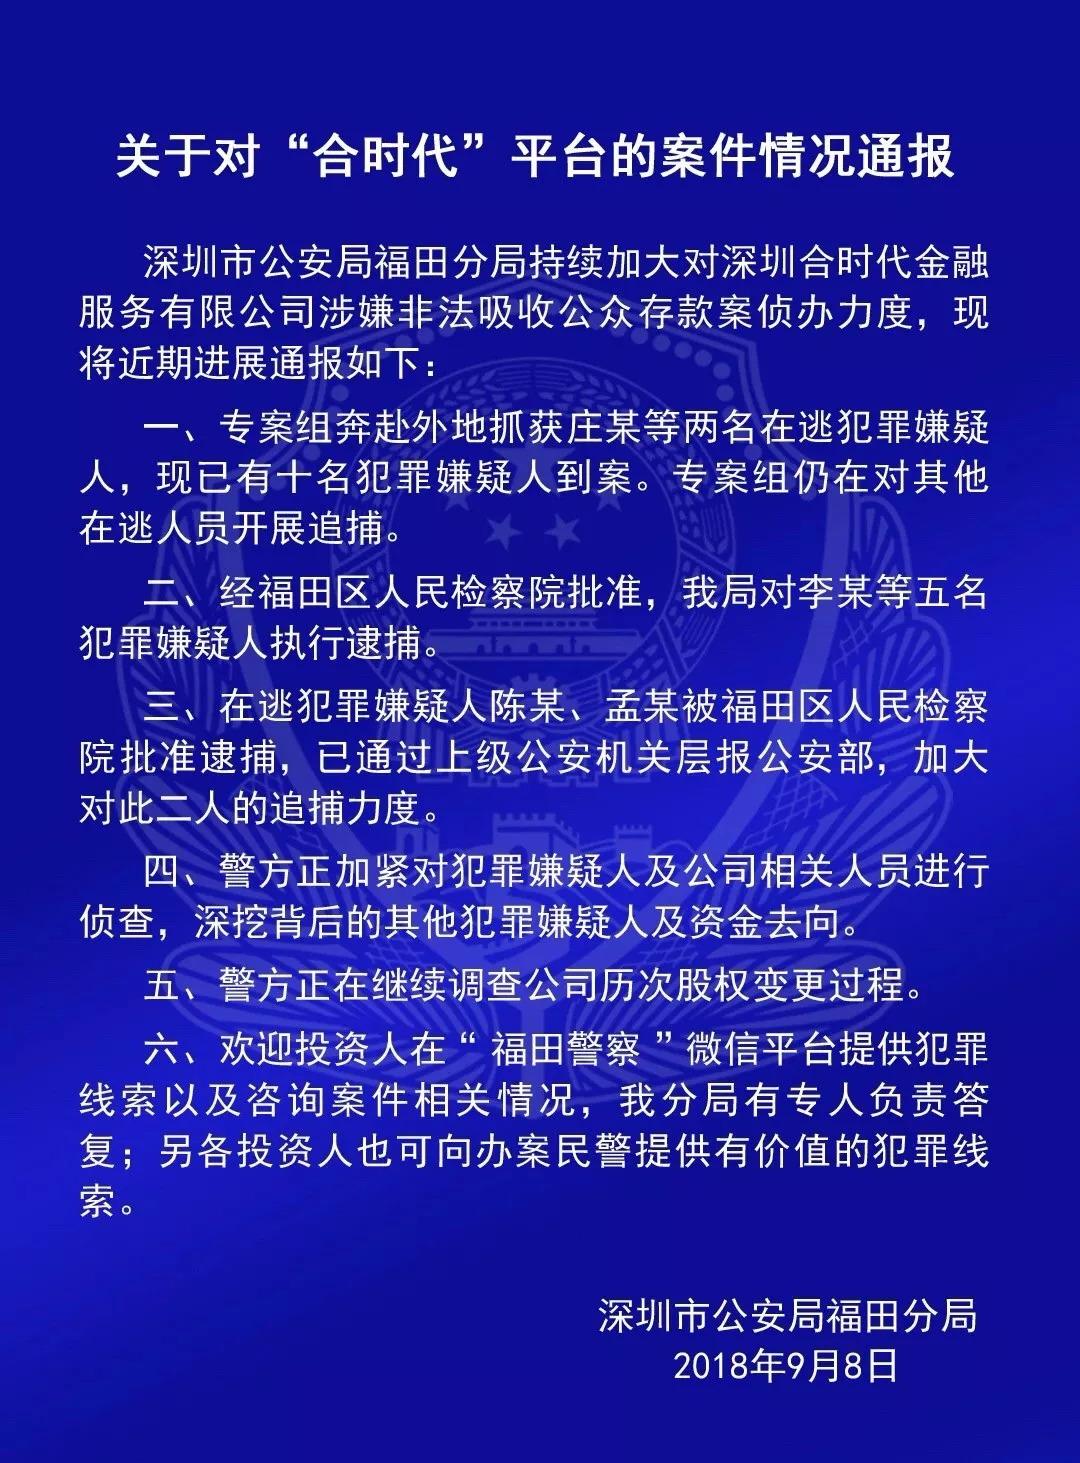 重磅!深圳警方查封房产65套,冻结上亿元资金5